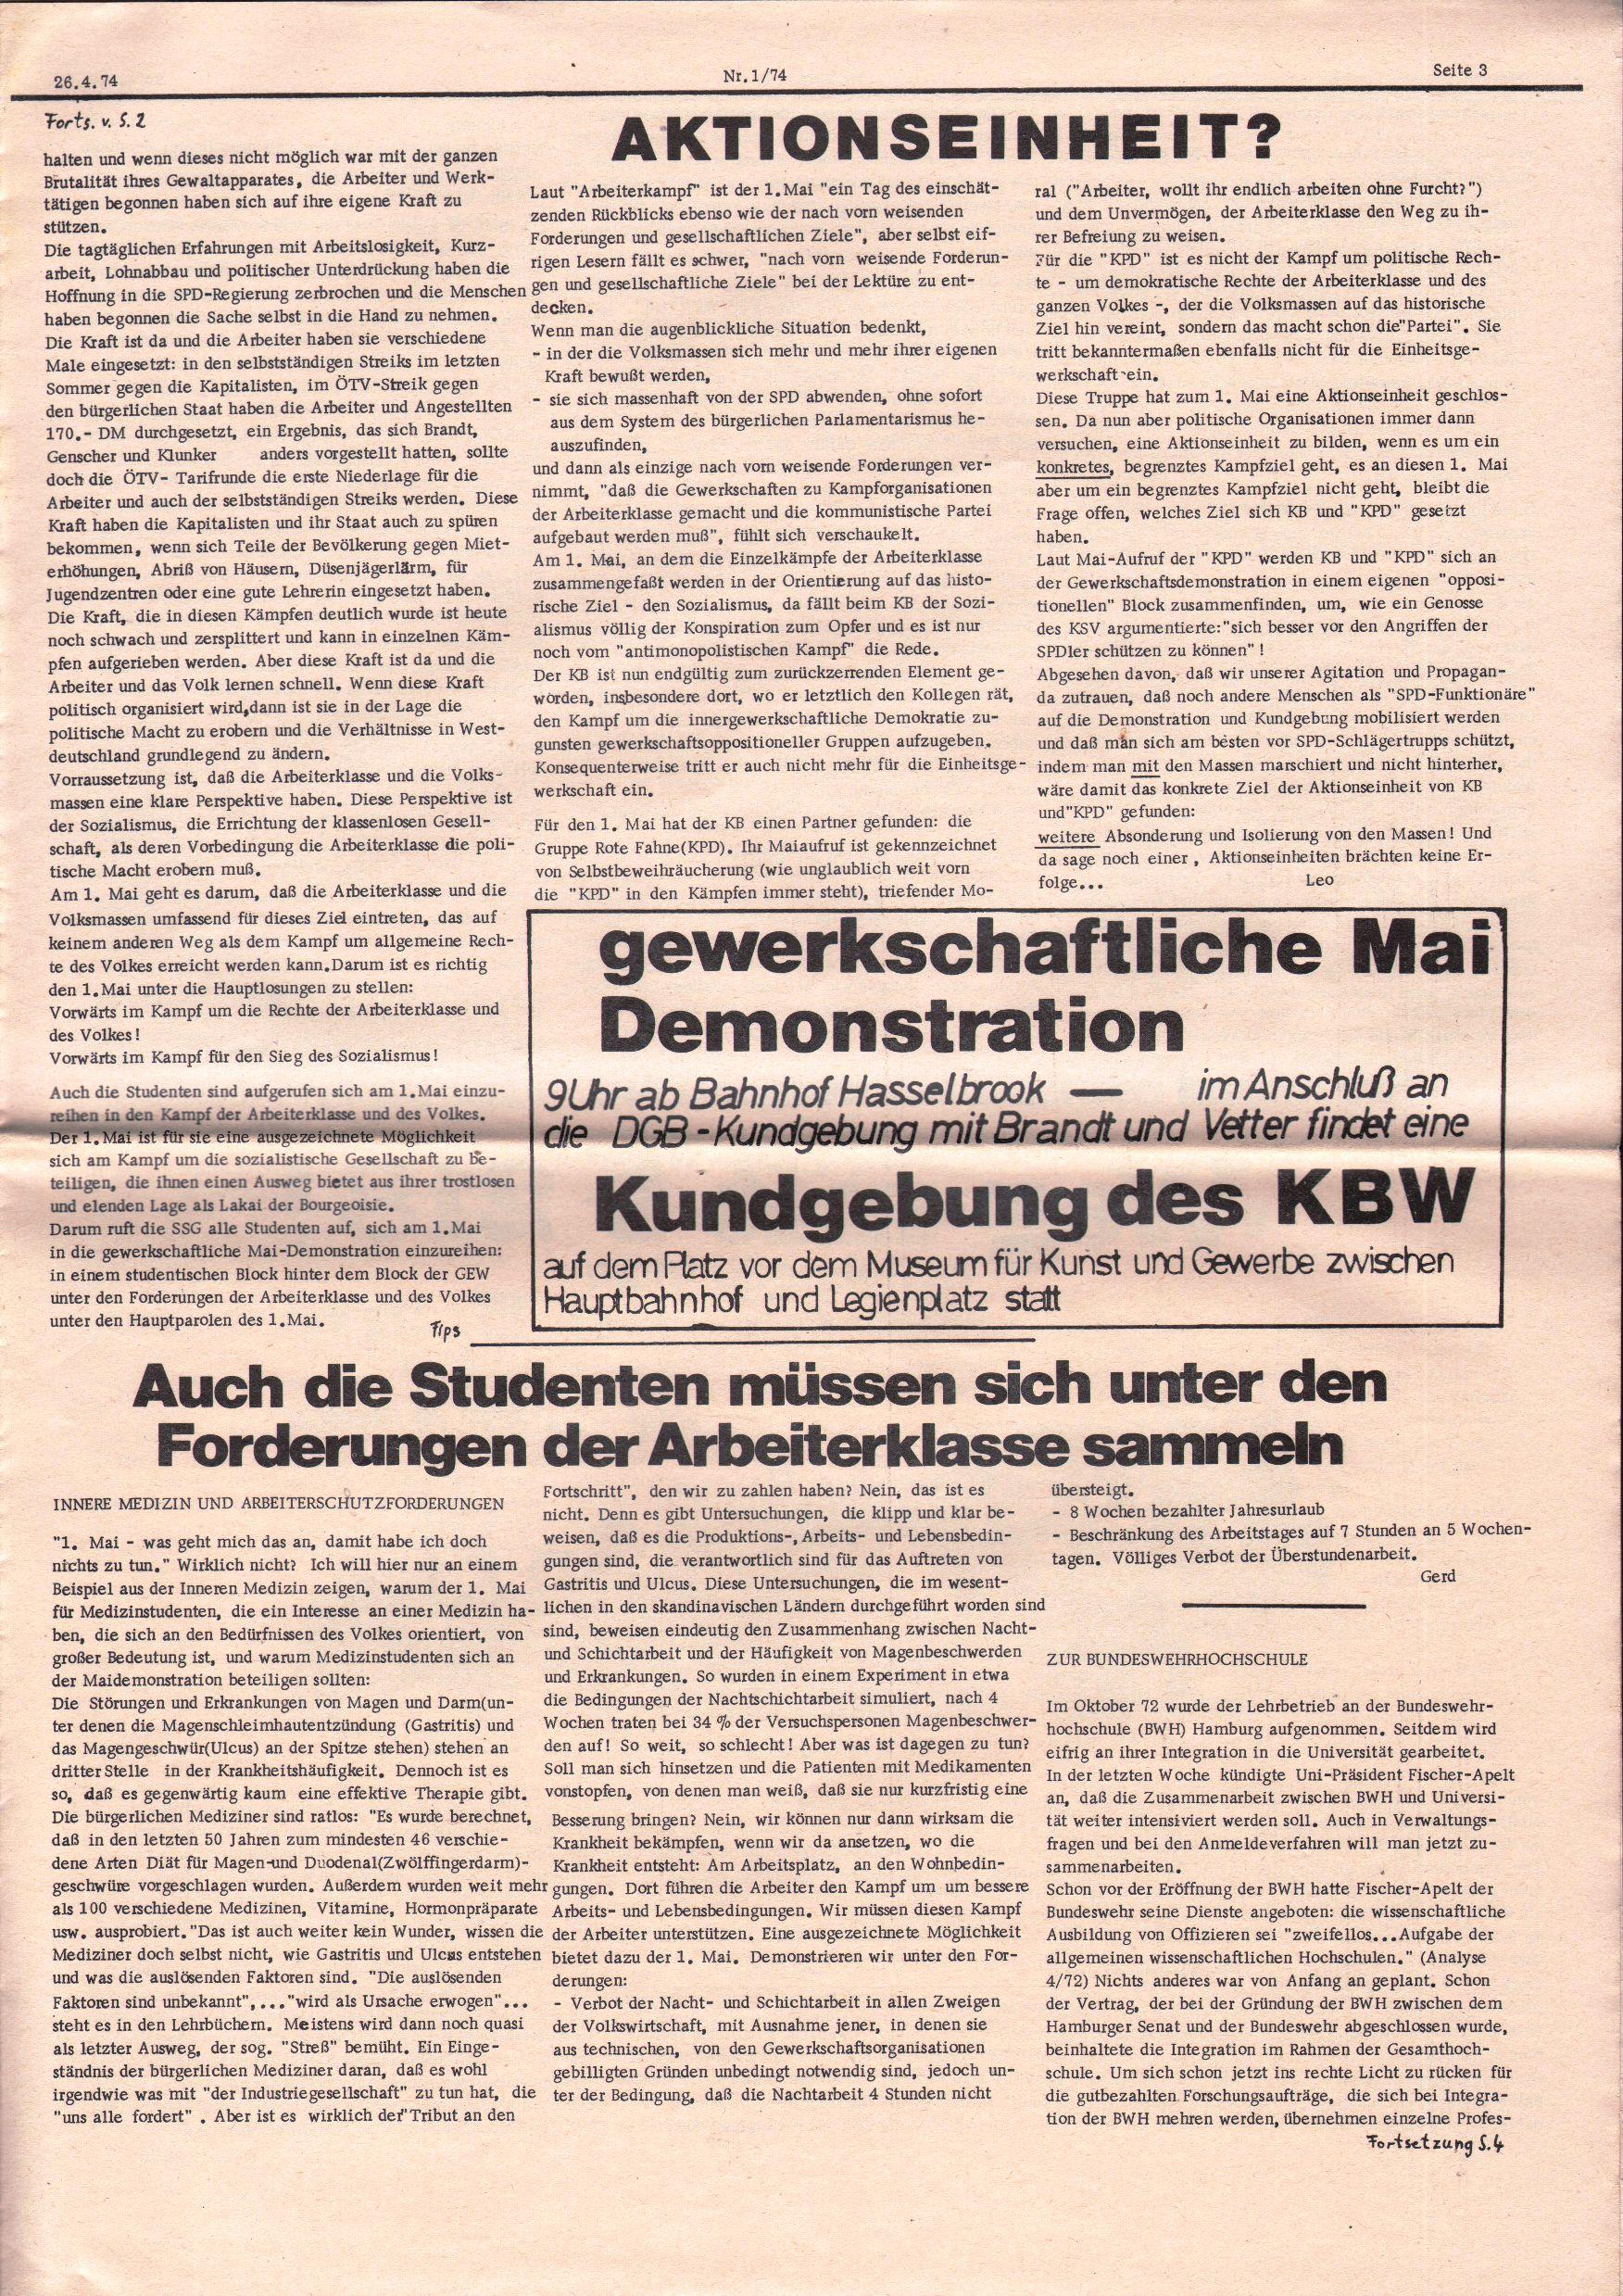 Hamburg_Rote_Presse383